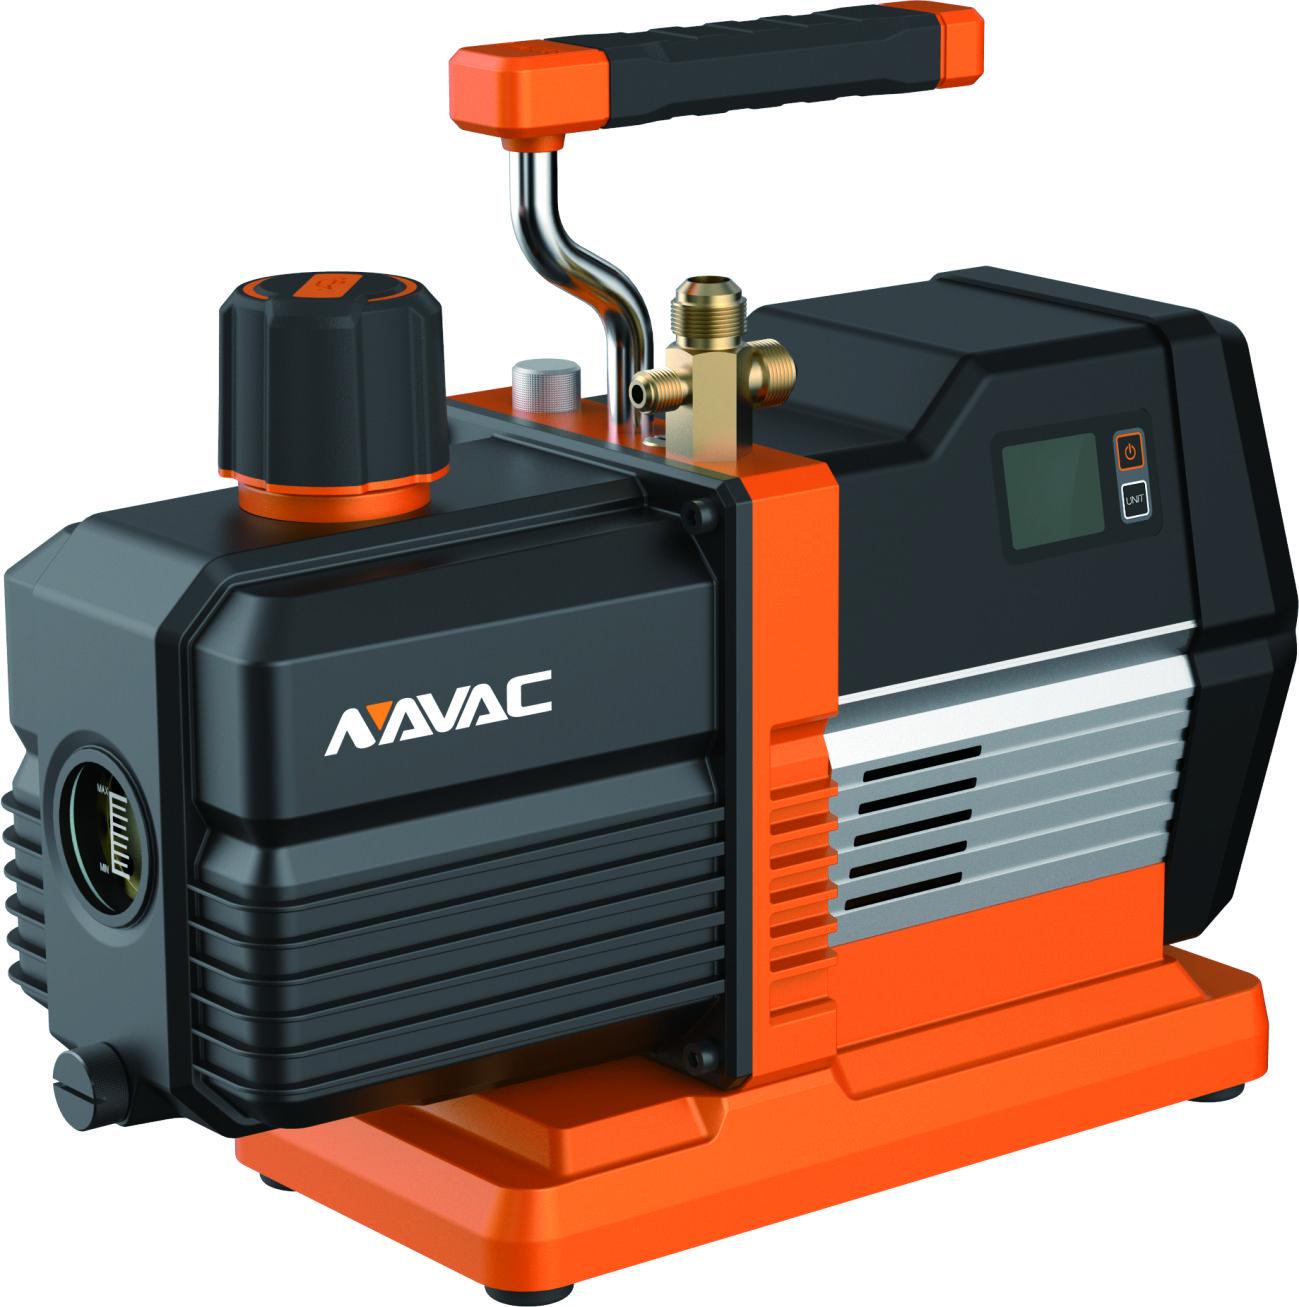 Navac Nrp8di Vacuum Pump Vacuum Pump Pumps Vacuums